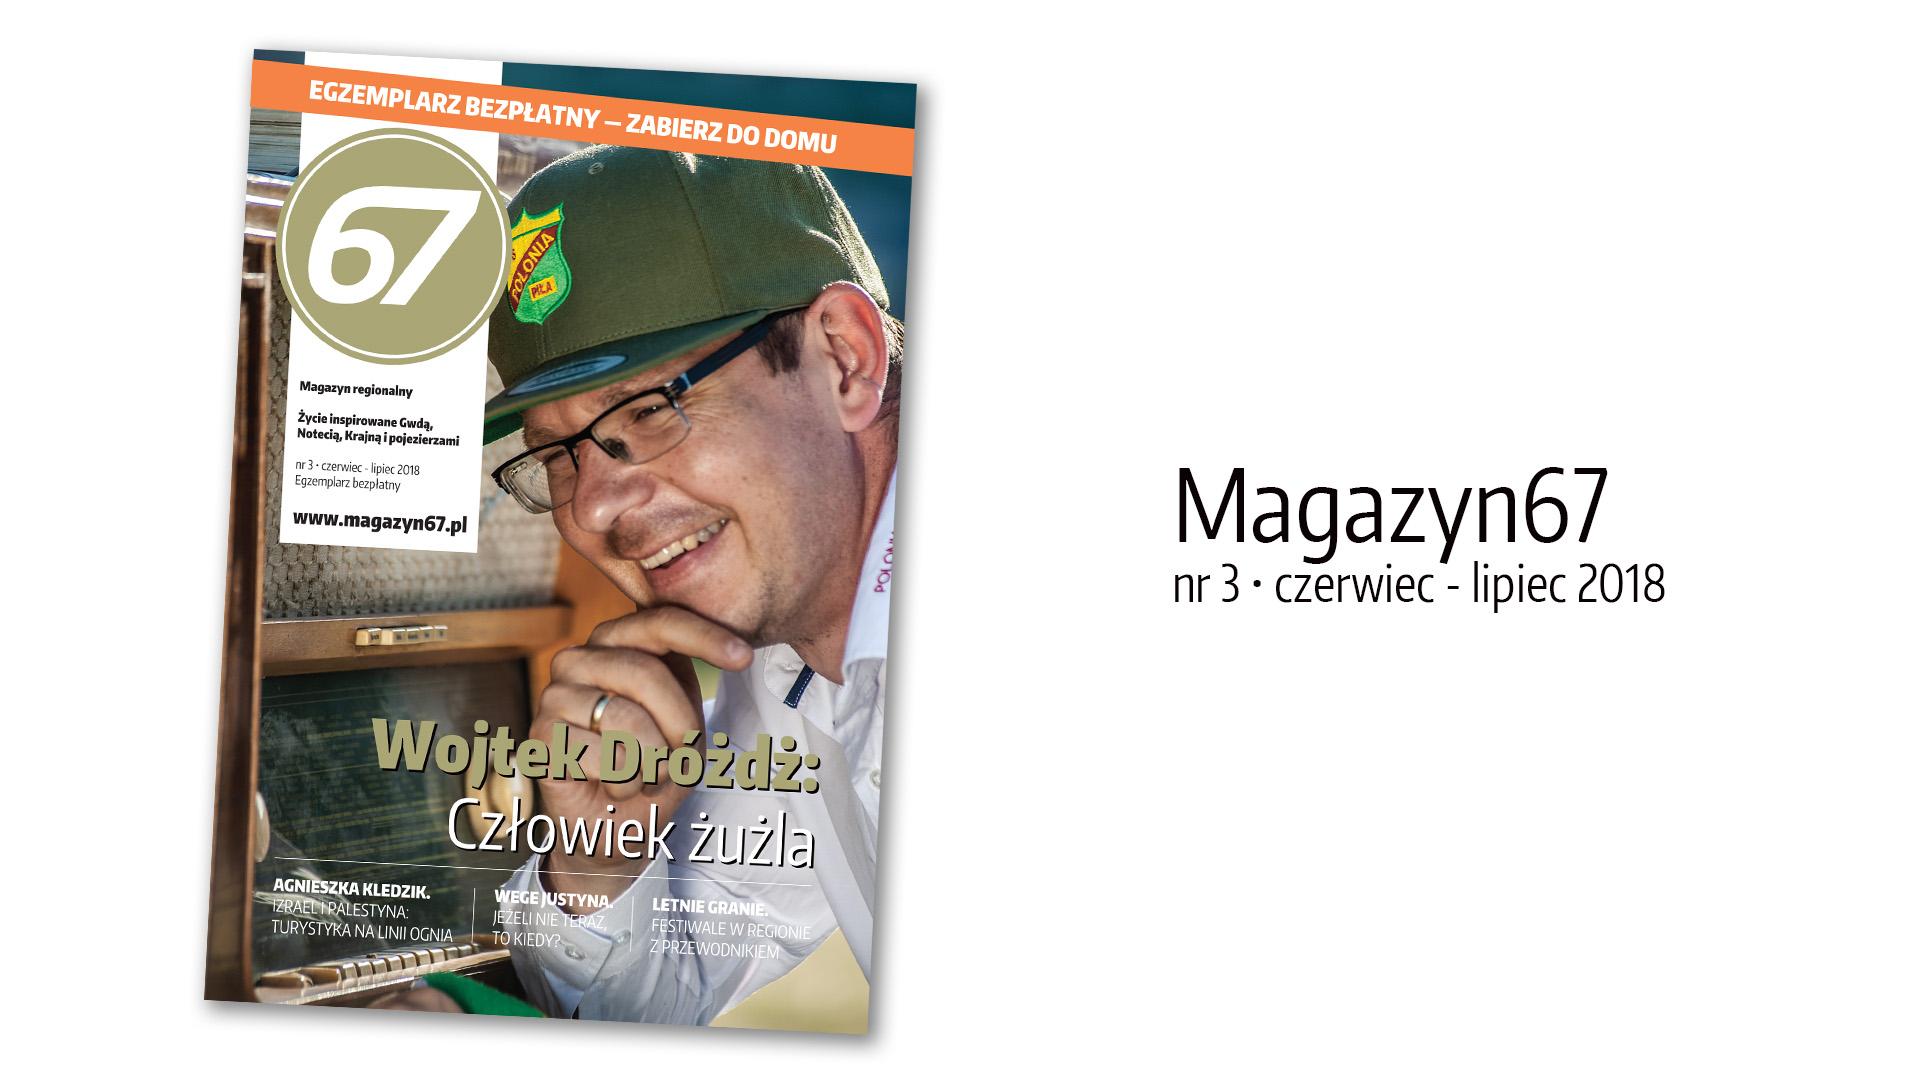 Magazyn67, nr 3 (czerwiec - lipiec 2018):